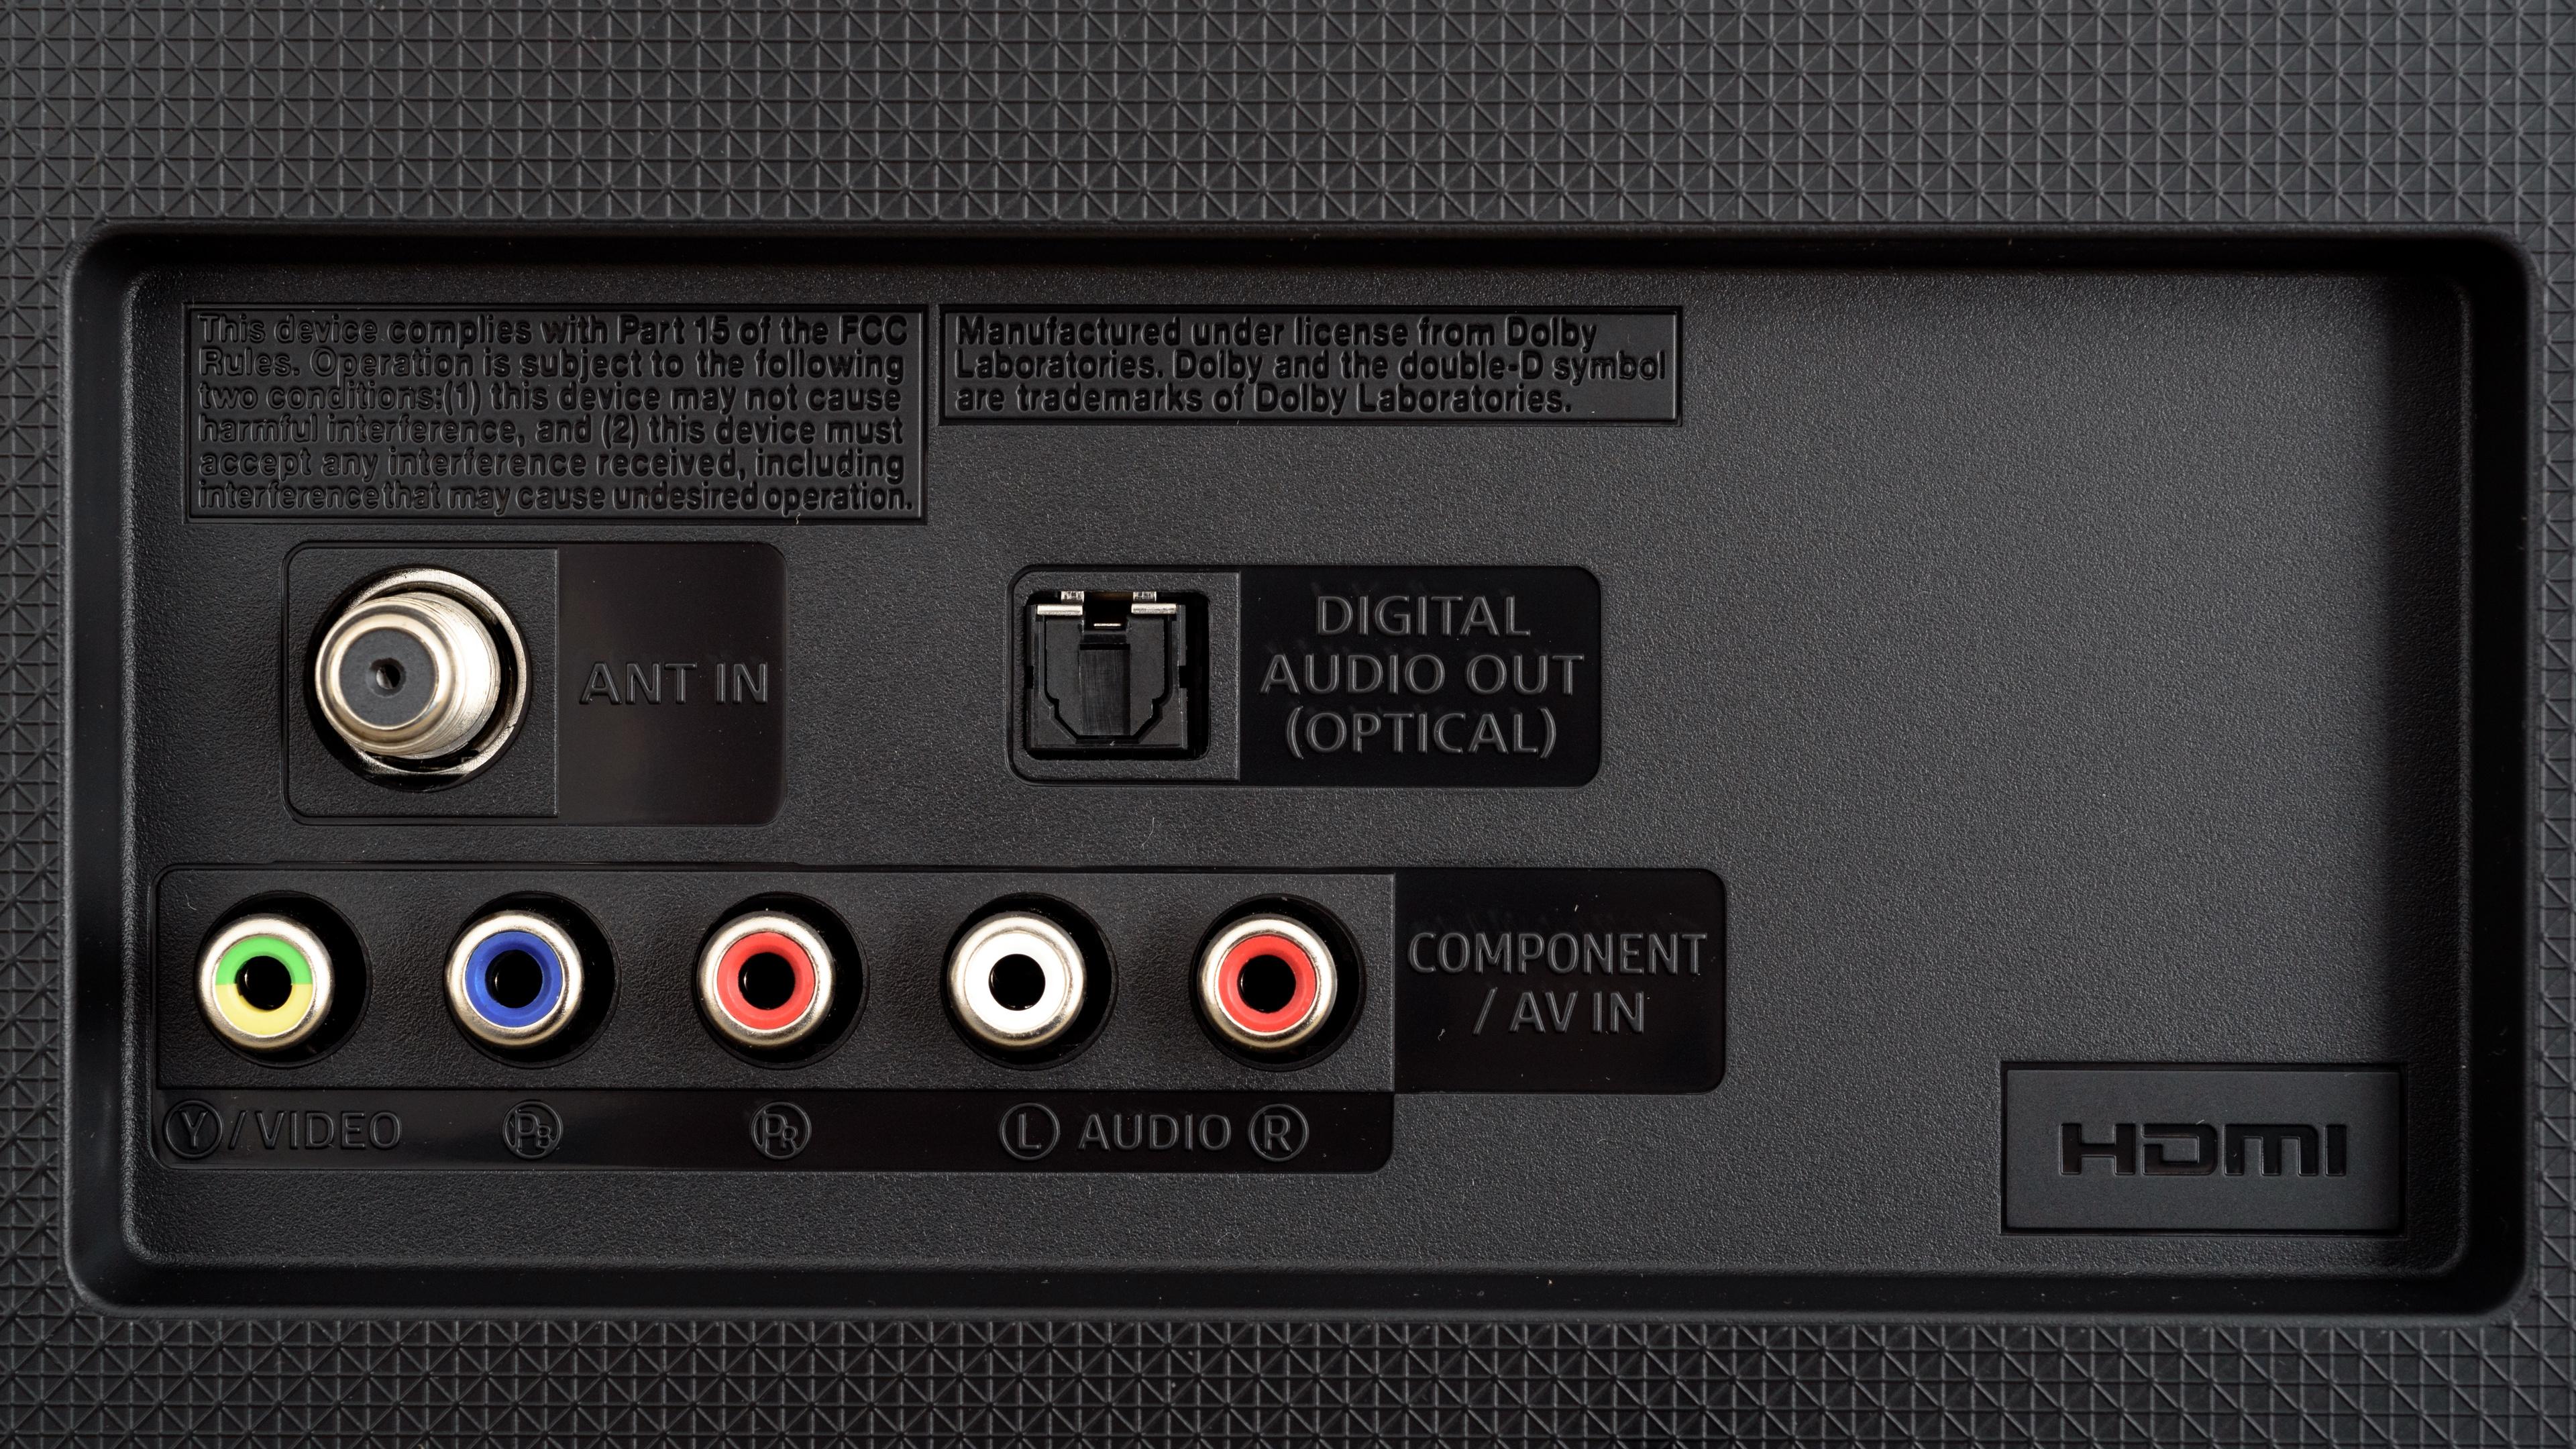 Samsung N5300 Review Un32n5300 Un43n5300 Rtings Com